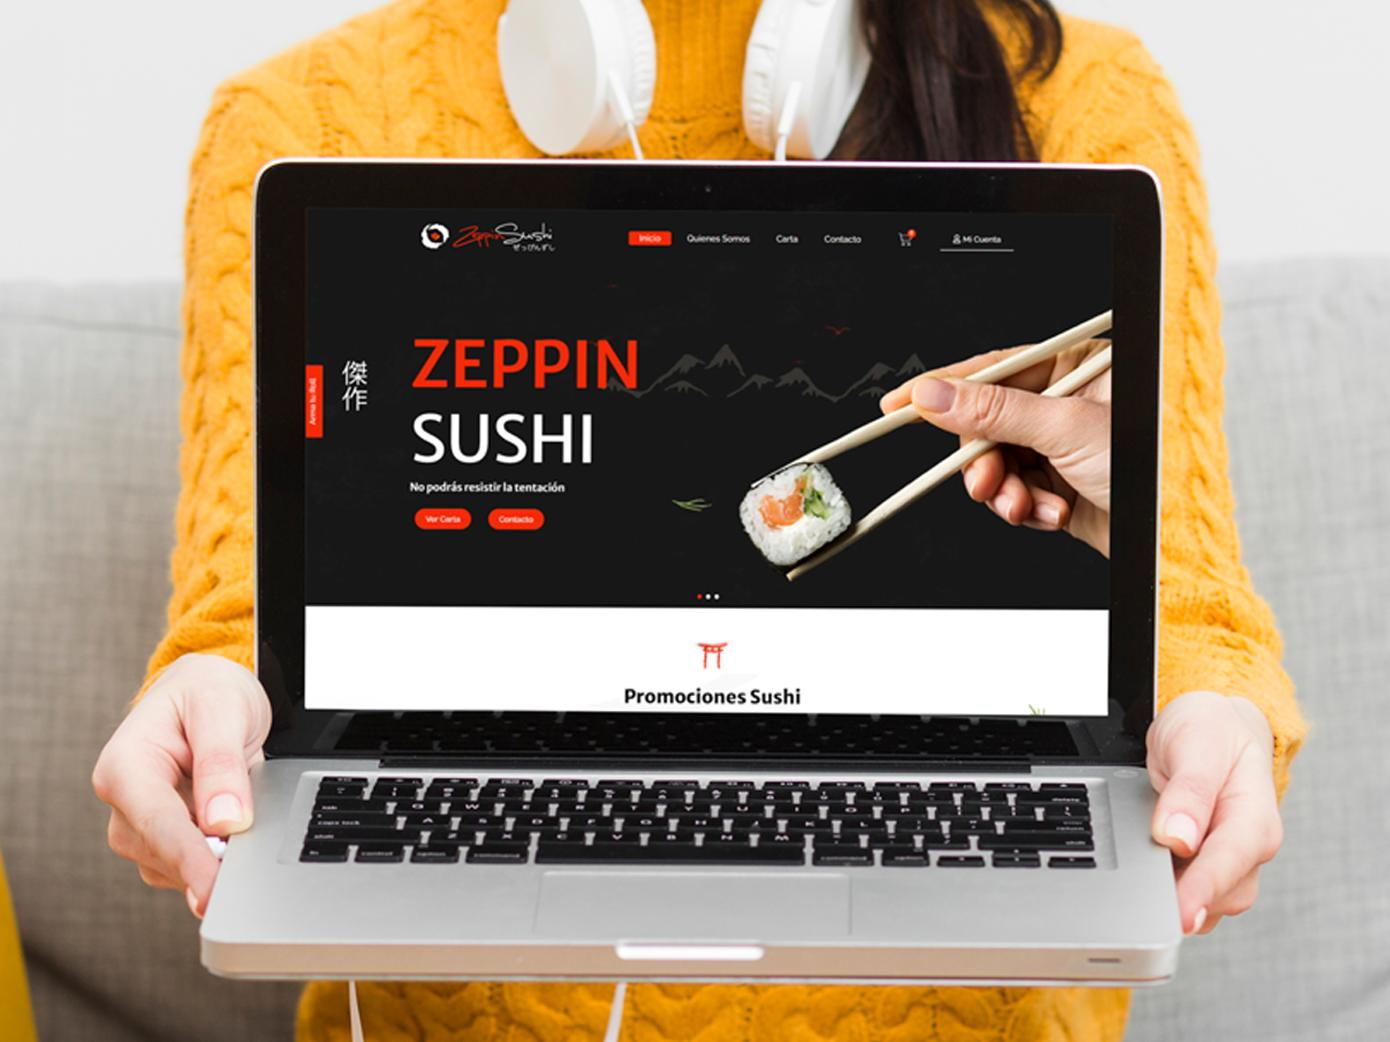 zeppin-sushi-webcc